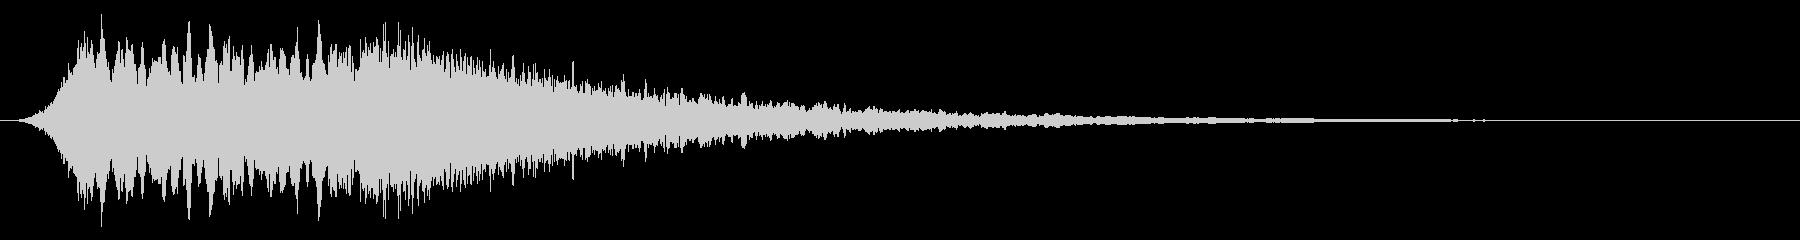 汎用サイレン 普通の未再生の波形